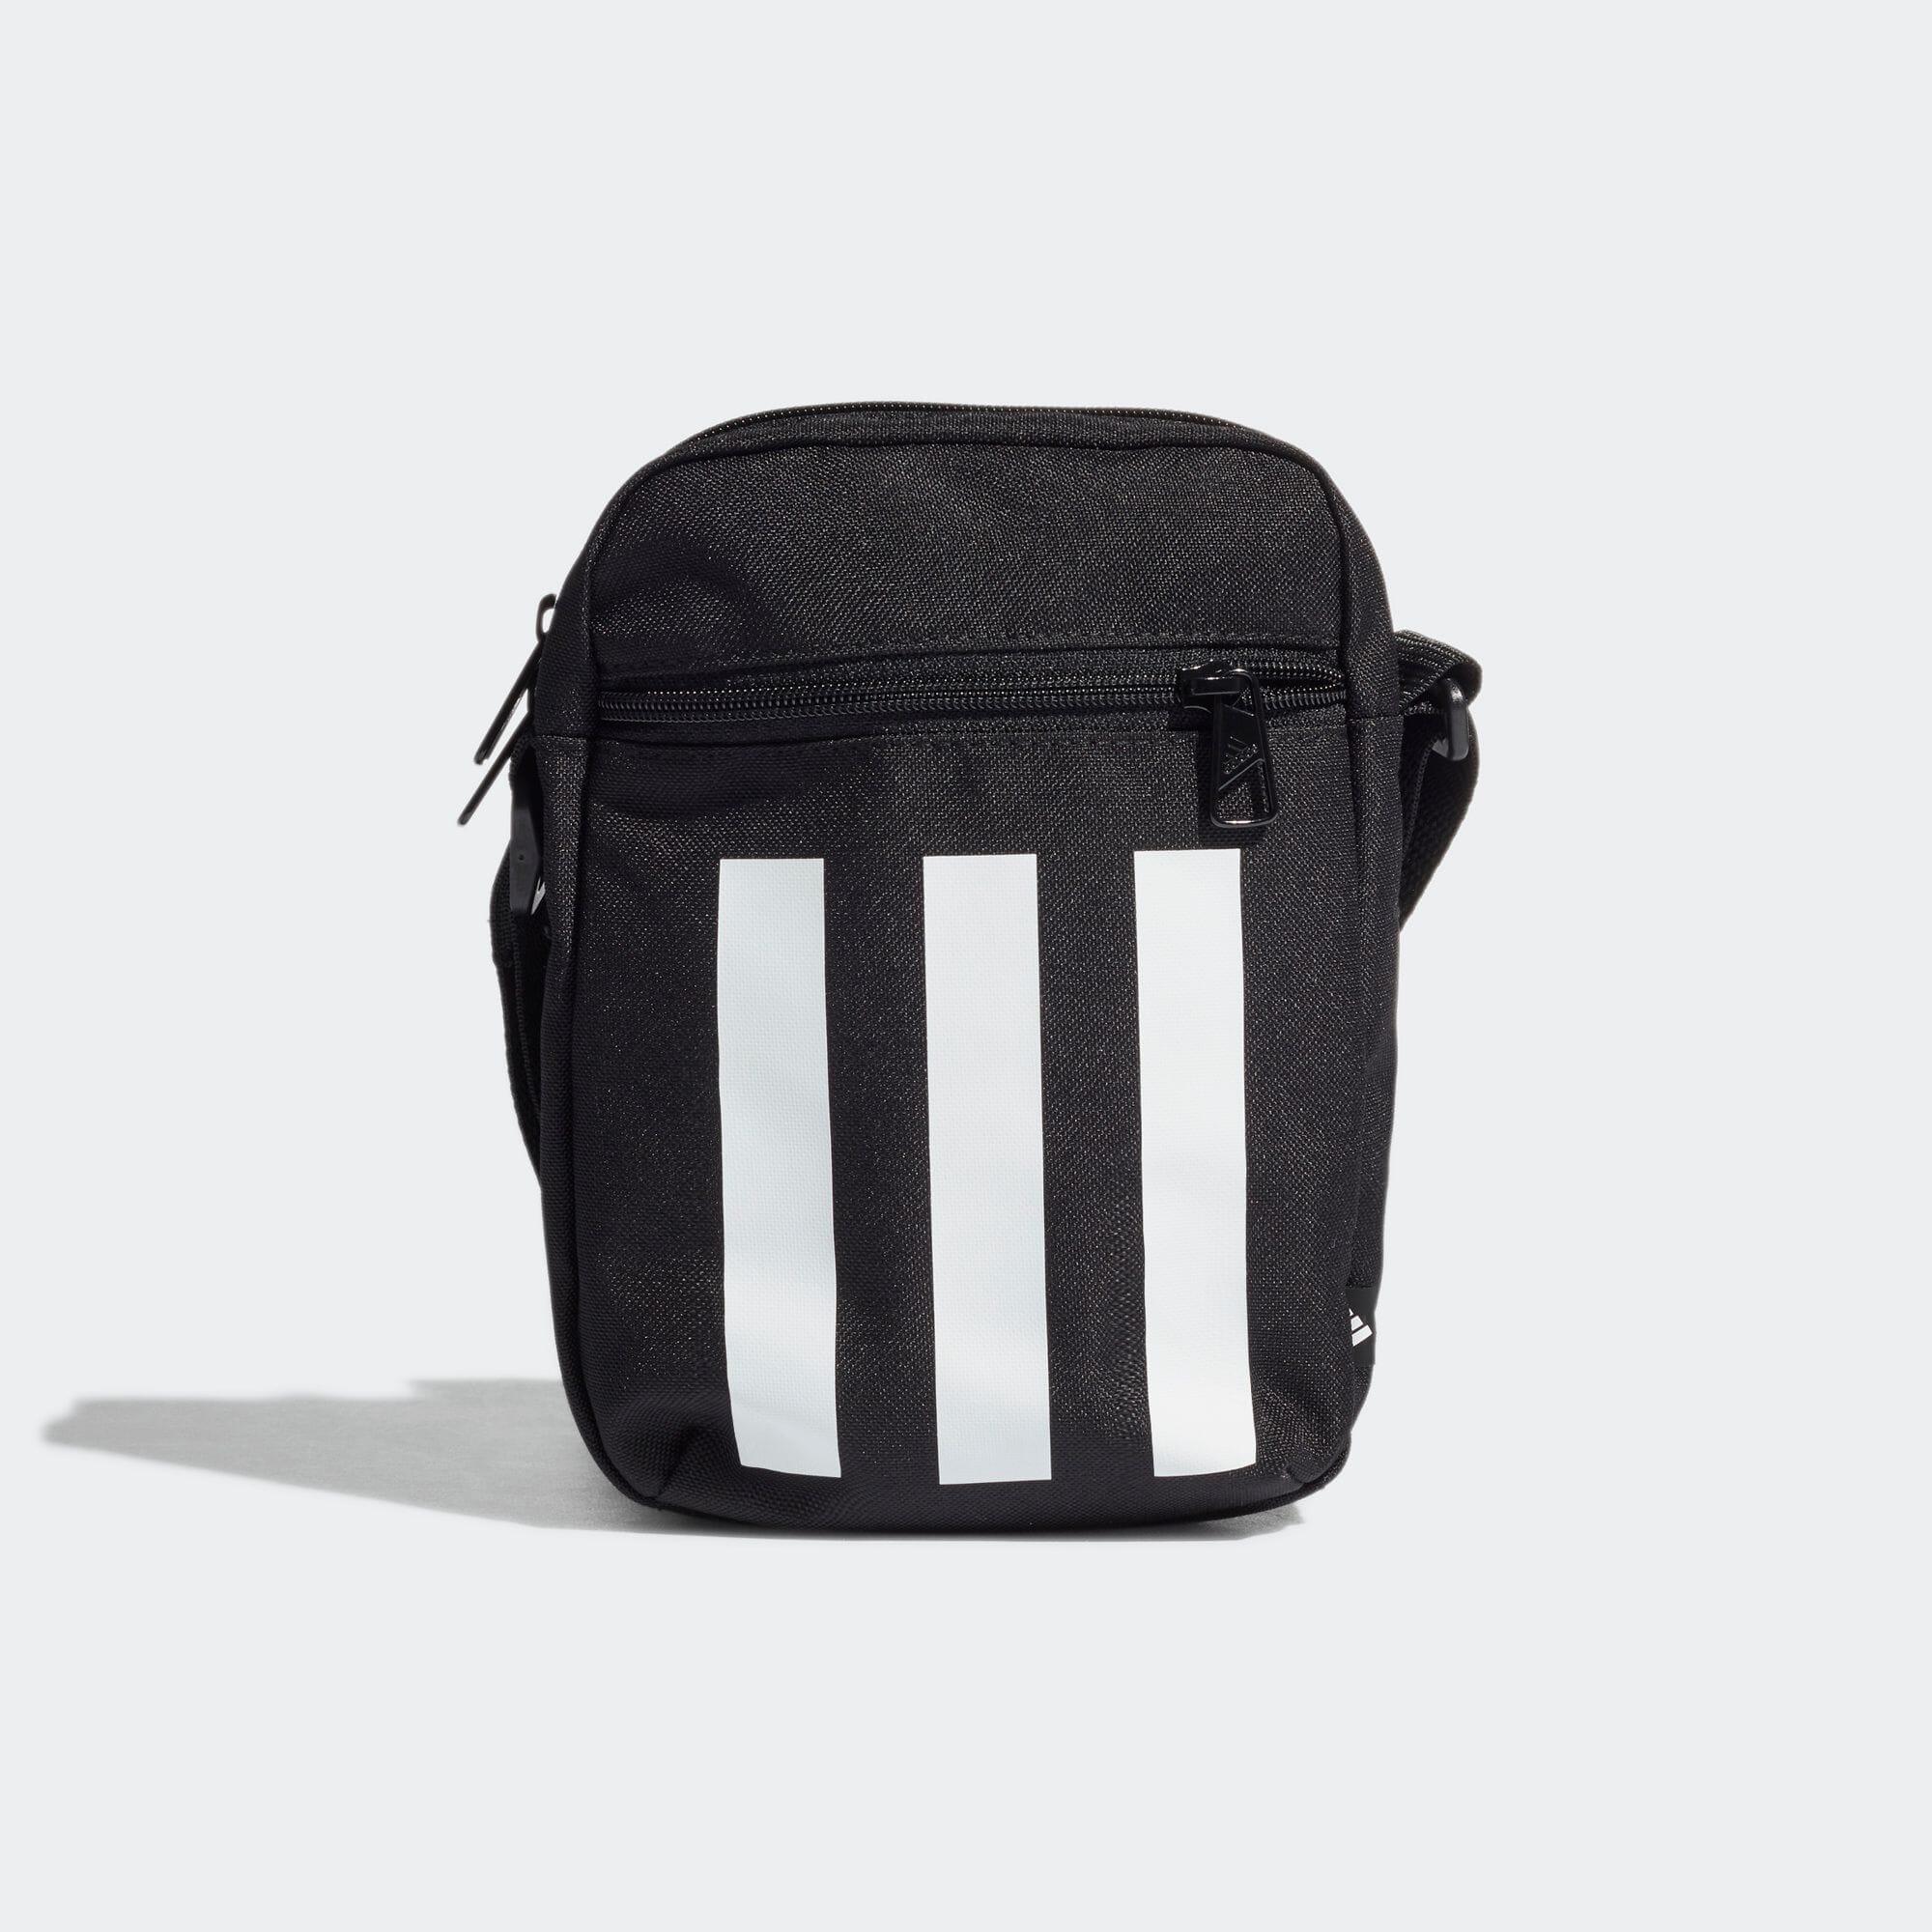 エッセンシャルズ 3ストライプス ショルダーバッグ / Essentials 3-Stripes Shoulder Bag